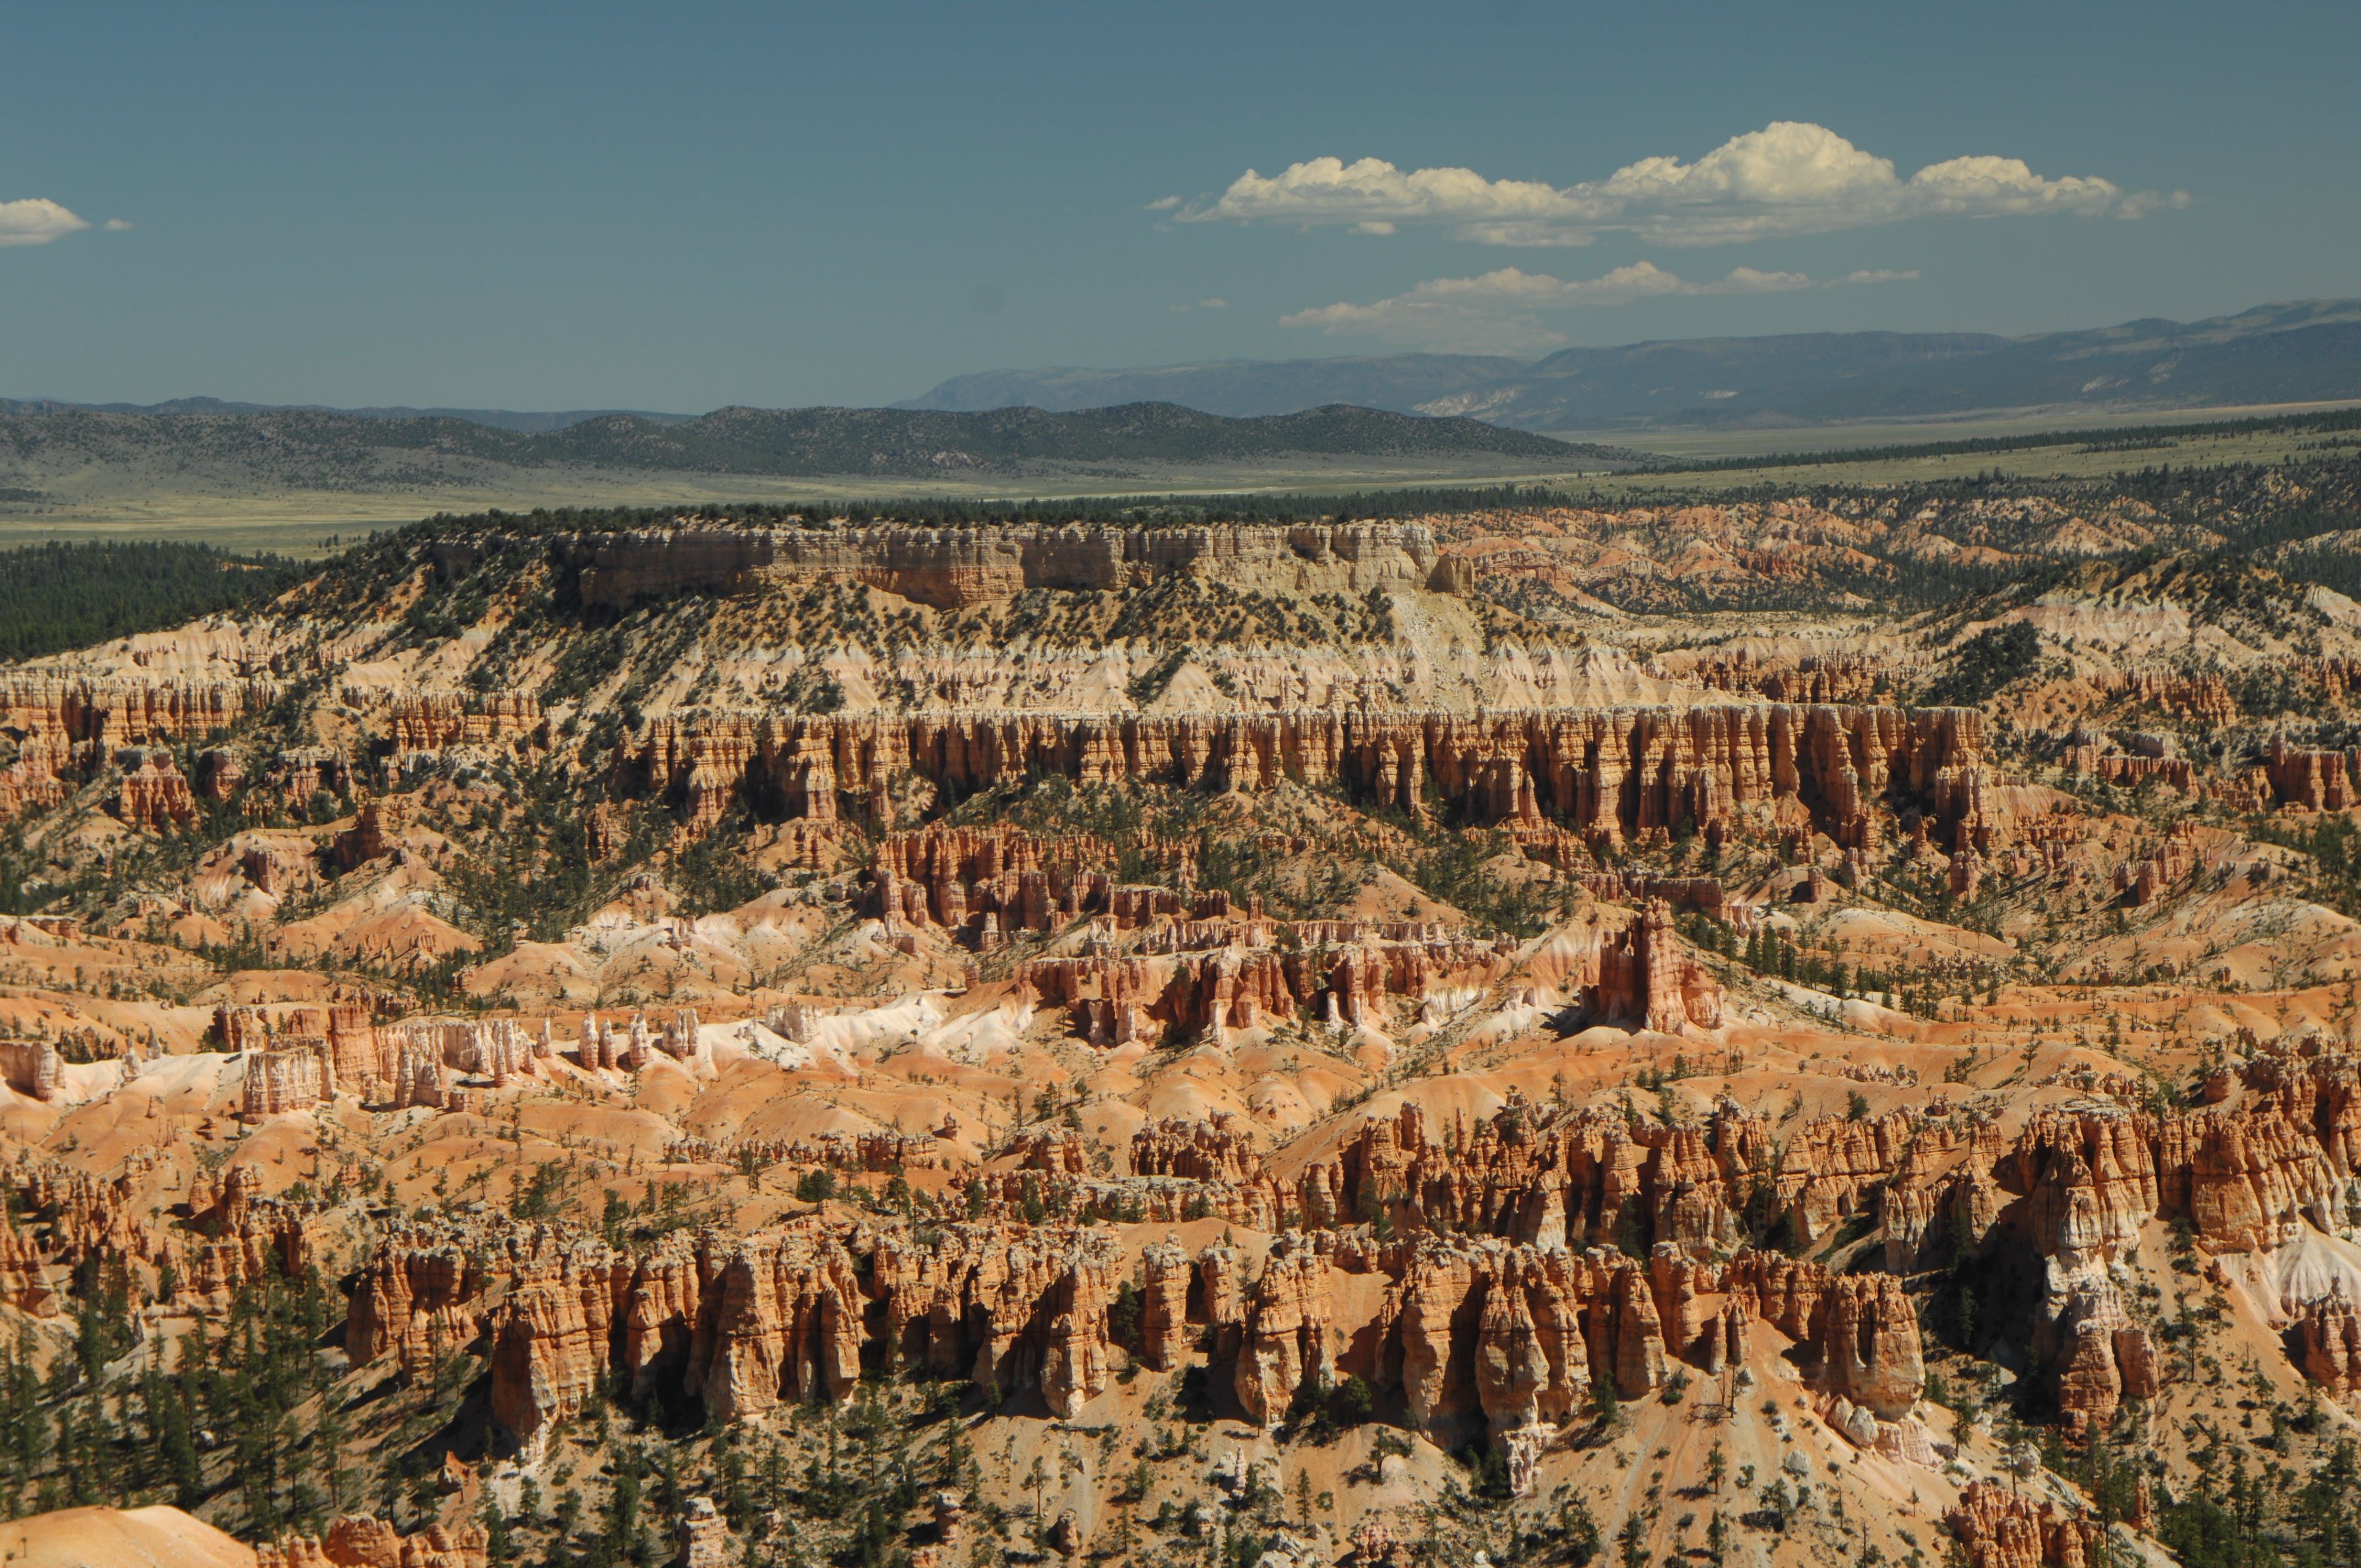 乾旱, 乾的, 侵蝕, 地標 的 免費圖庫相片